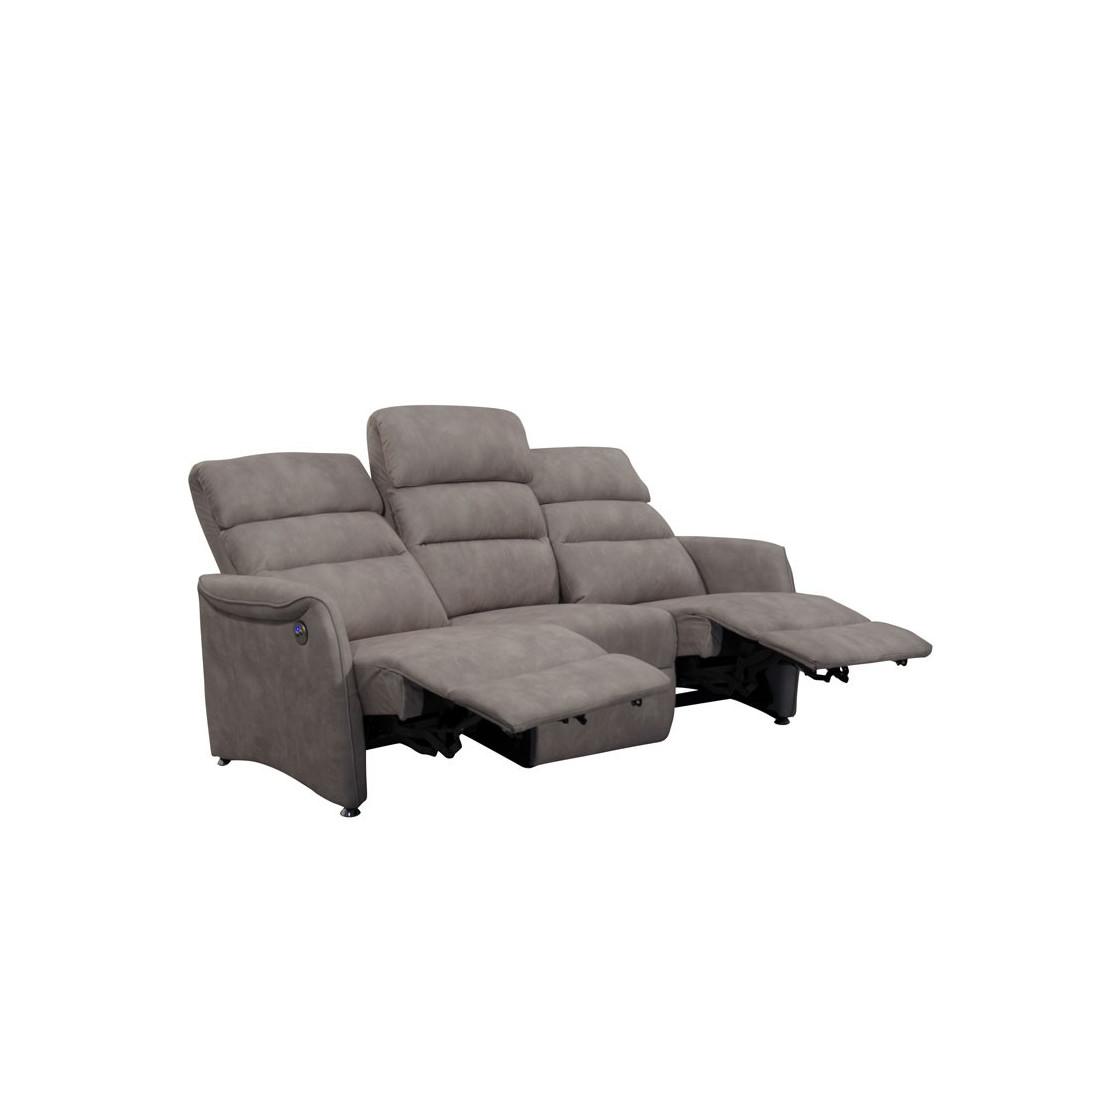 Canap de relax lectrique 3p mastic softy univers salon - Canape de relaxation electrique ...